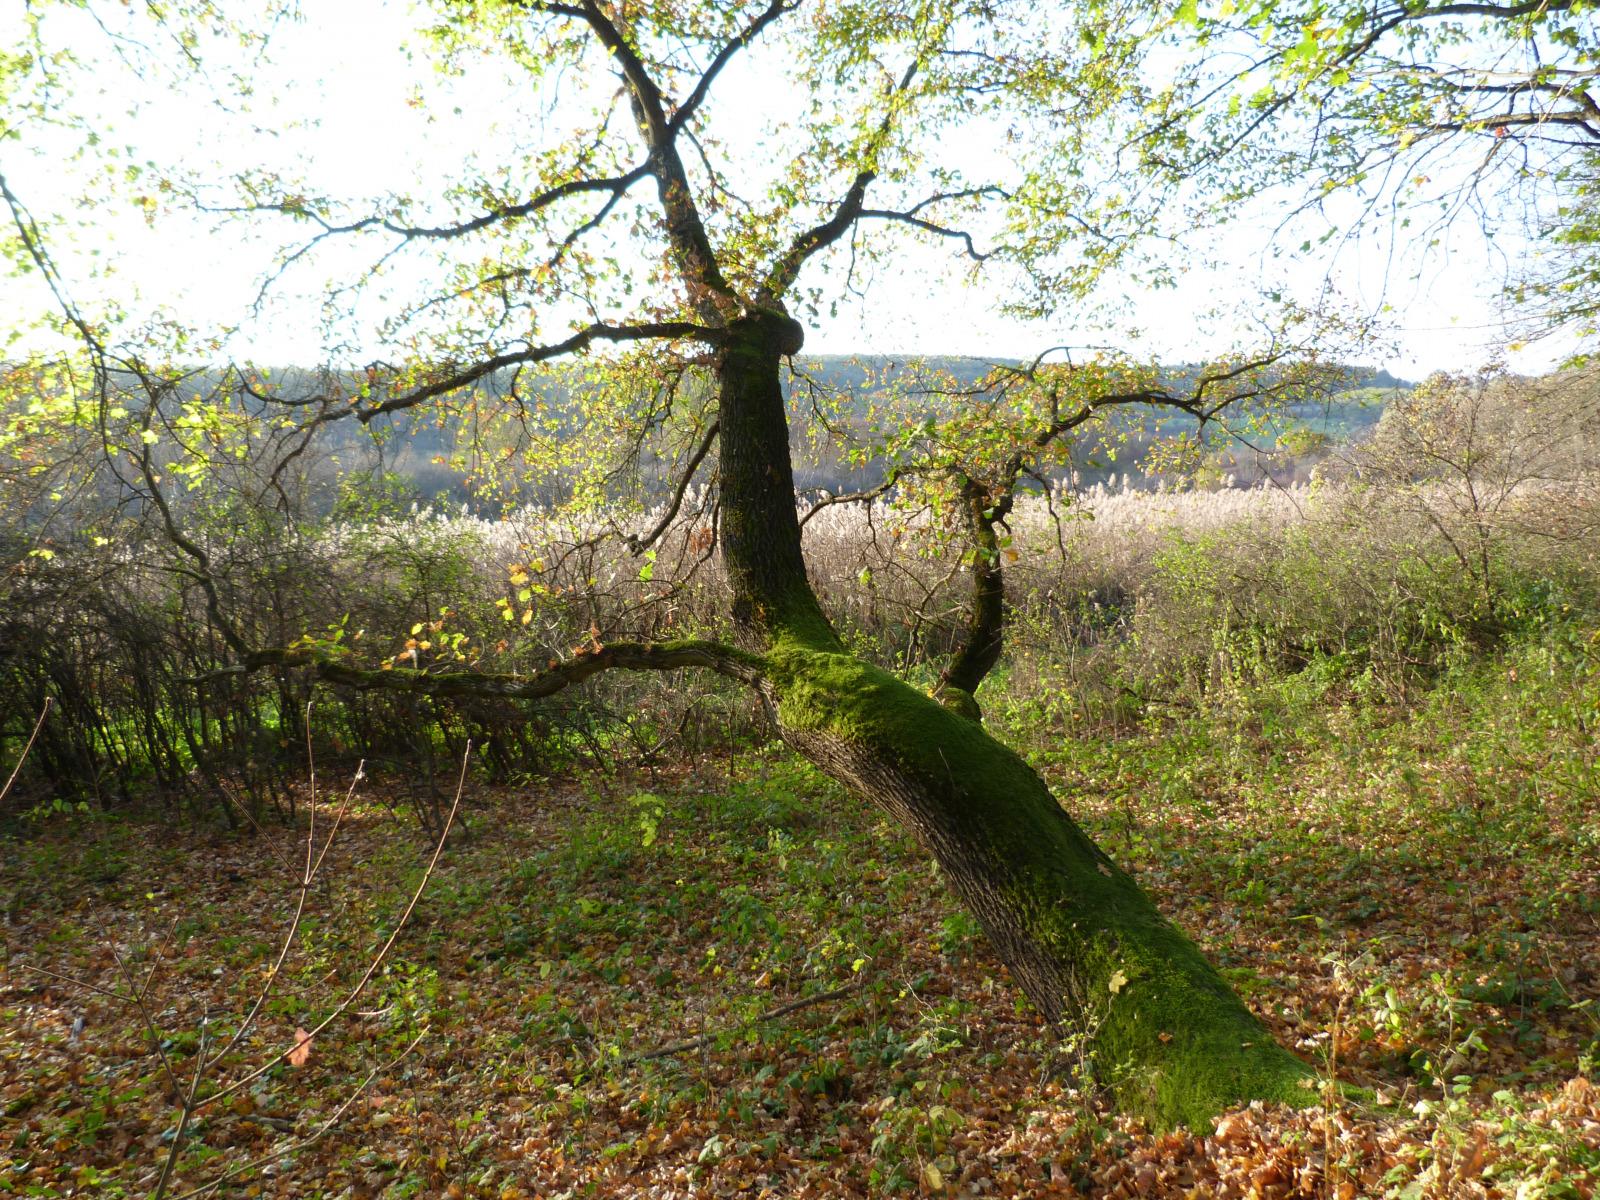 A-pihenőfa